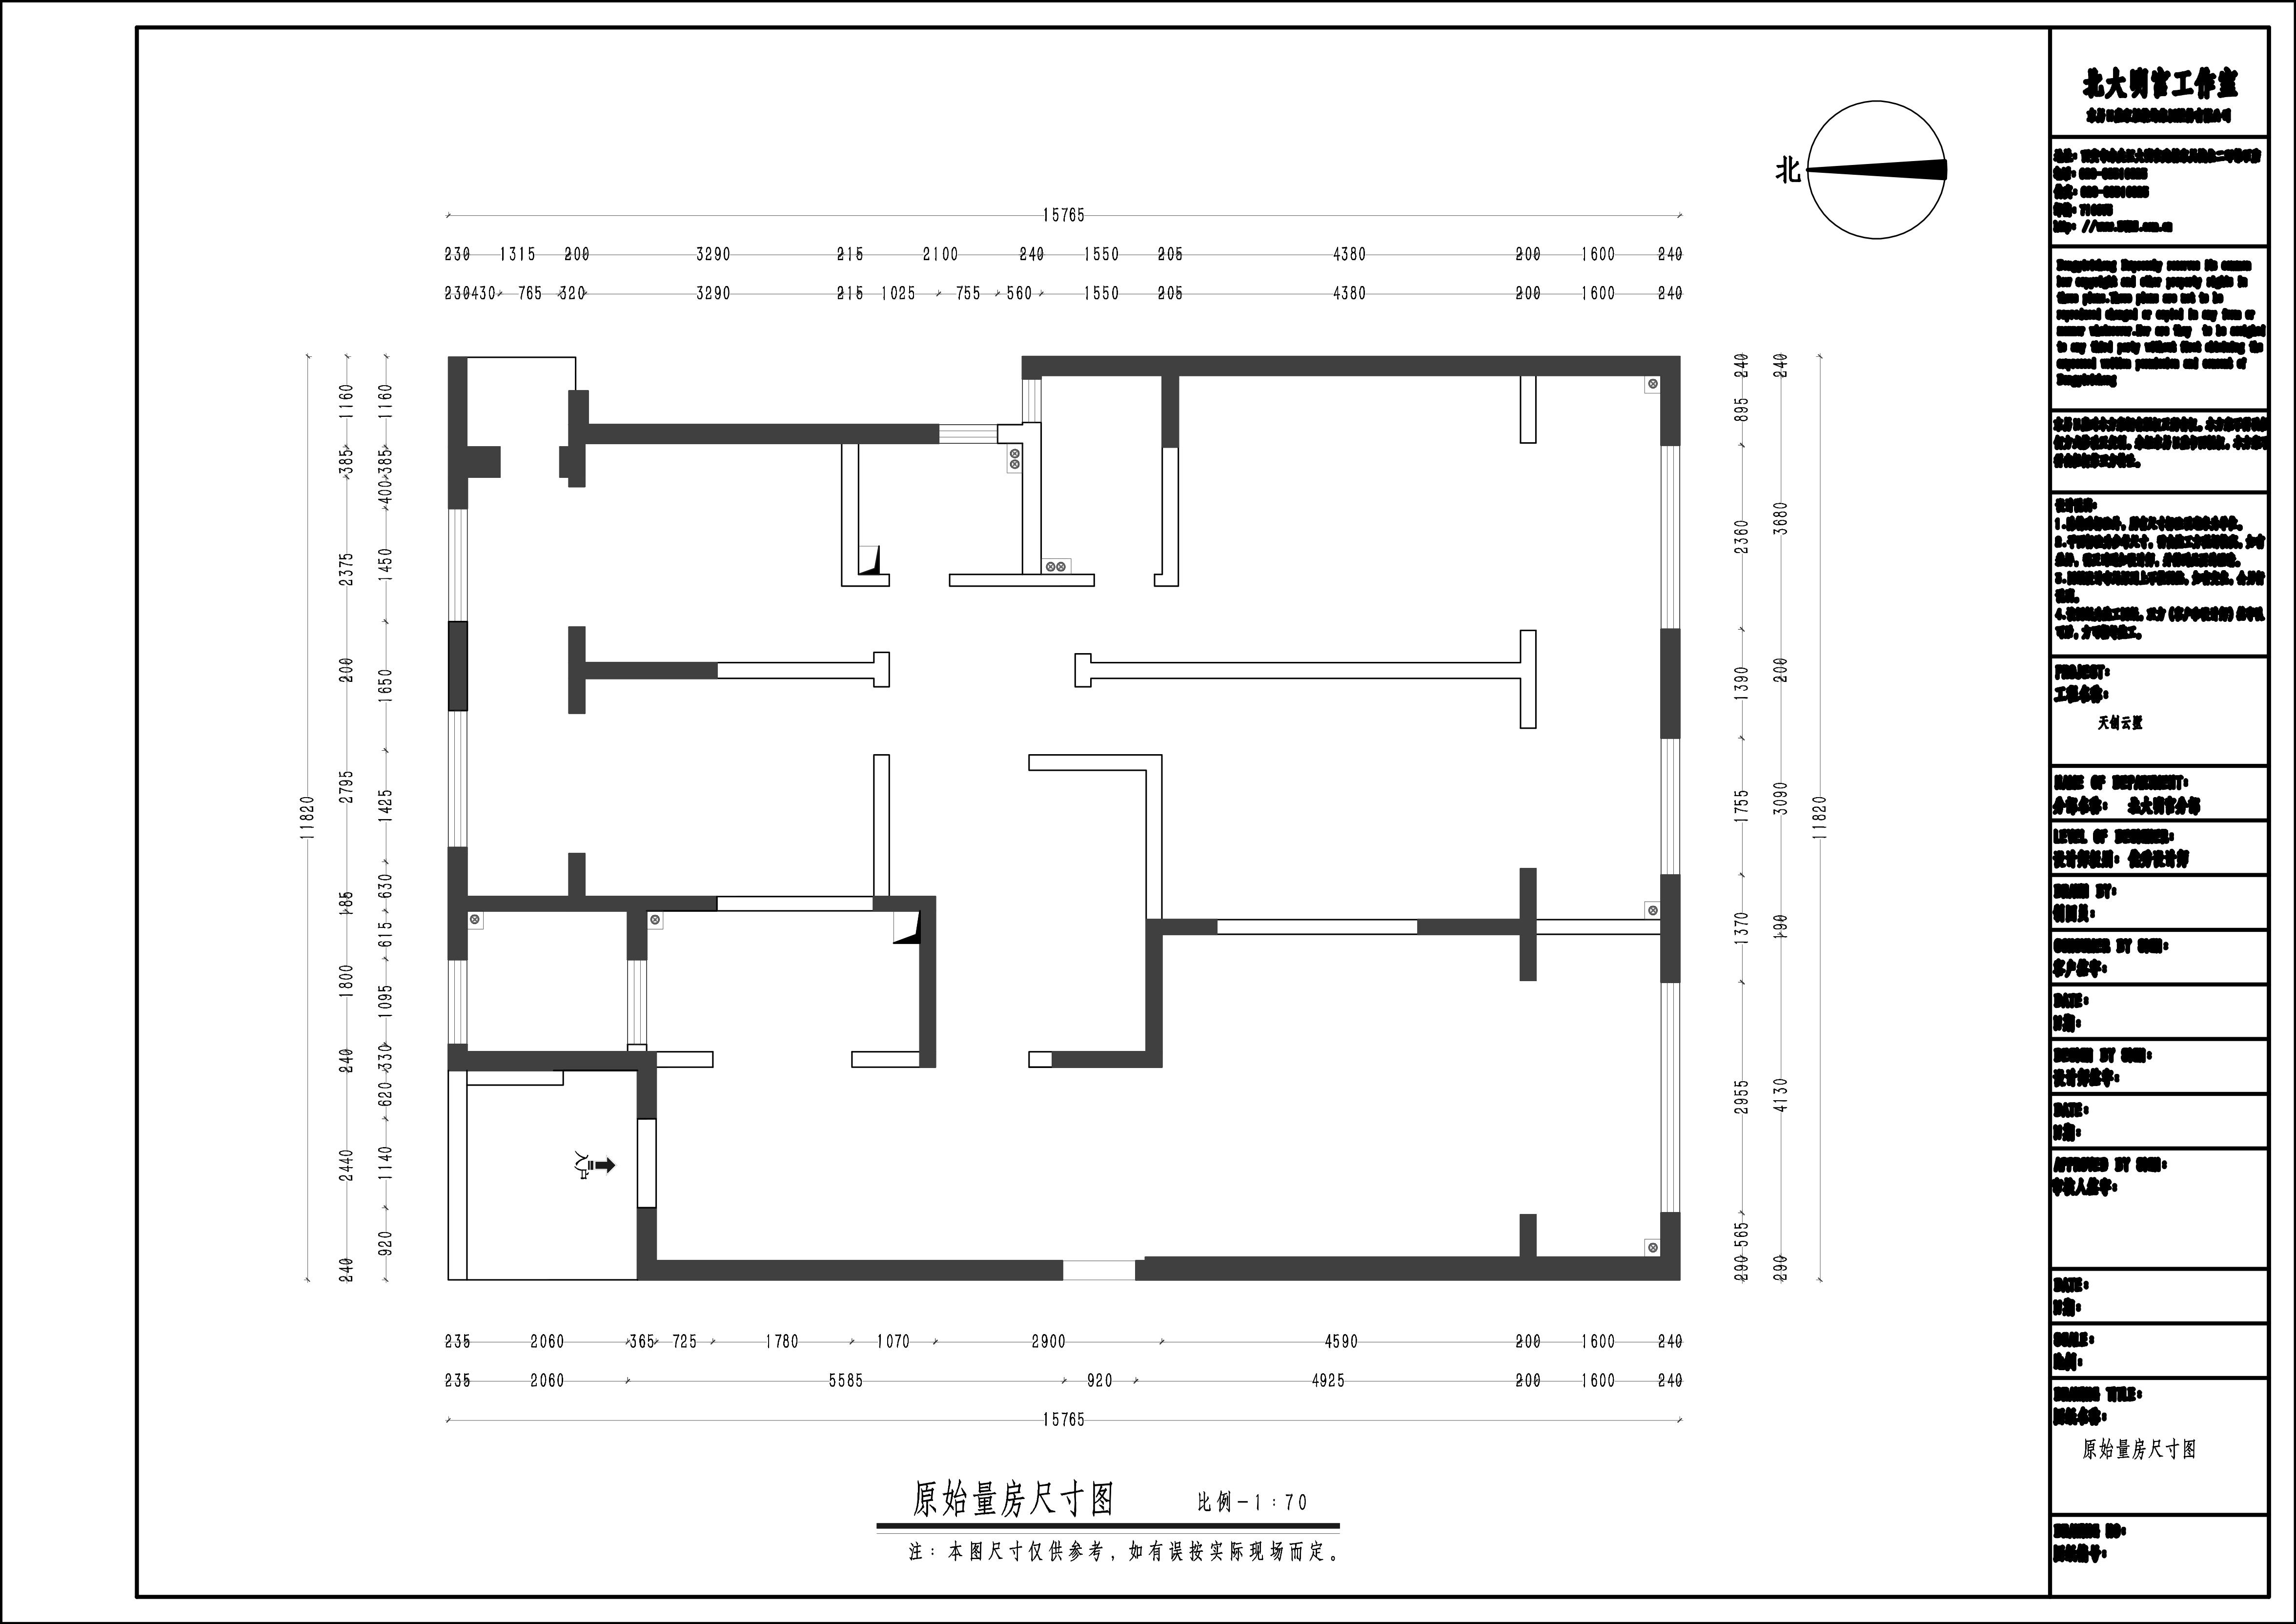 天创云墅 北大设计部装修效果图 新中式 平层 178㎡装修设计理念